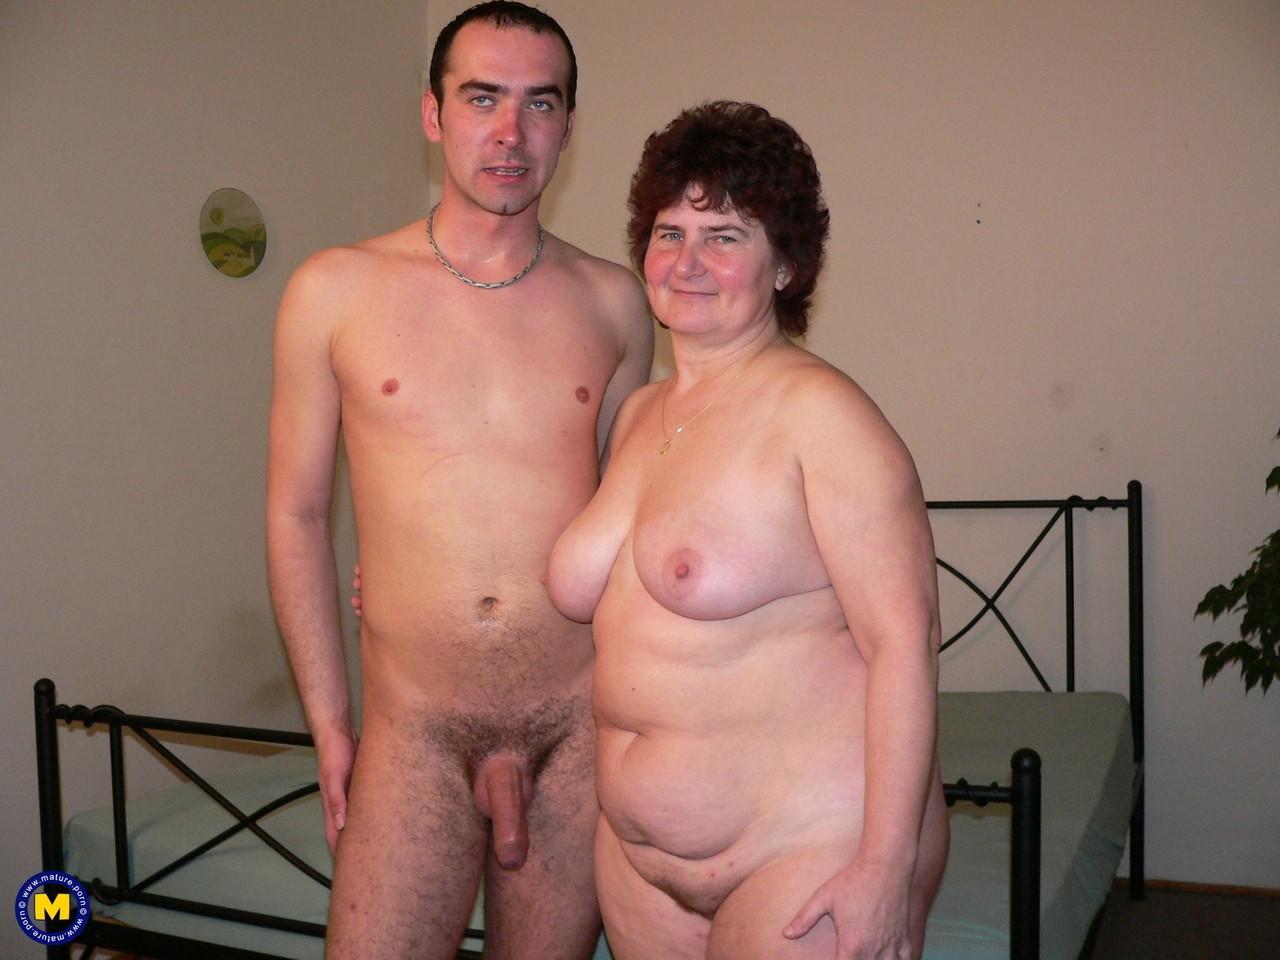 Фотки секса молодого с пассией бальзаковского возраста. Фото - 1